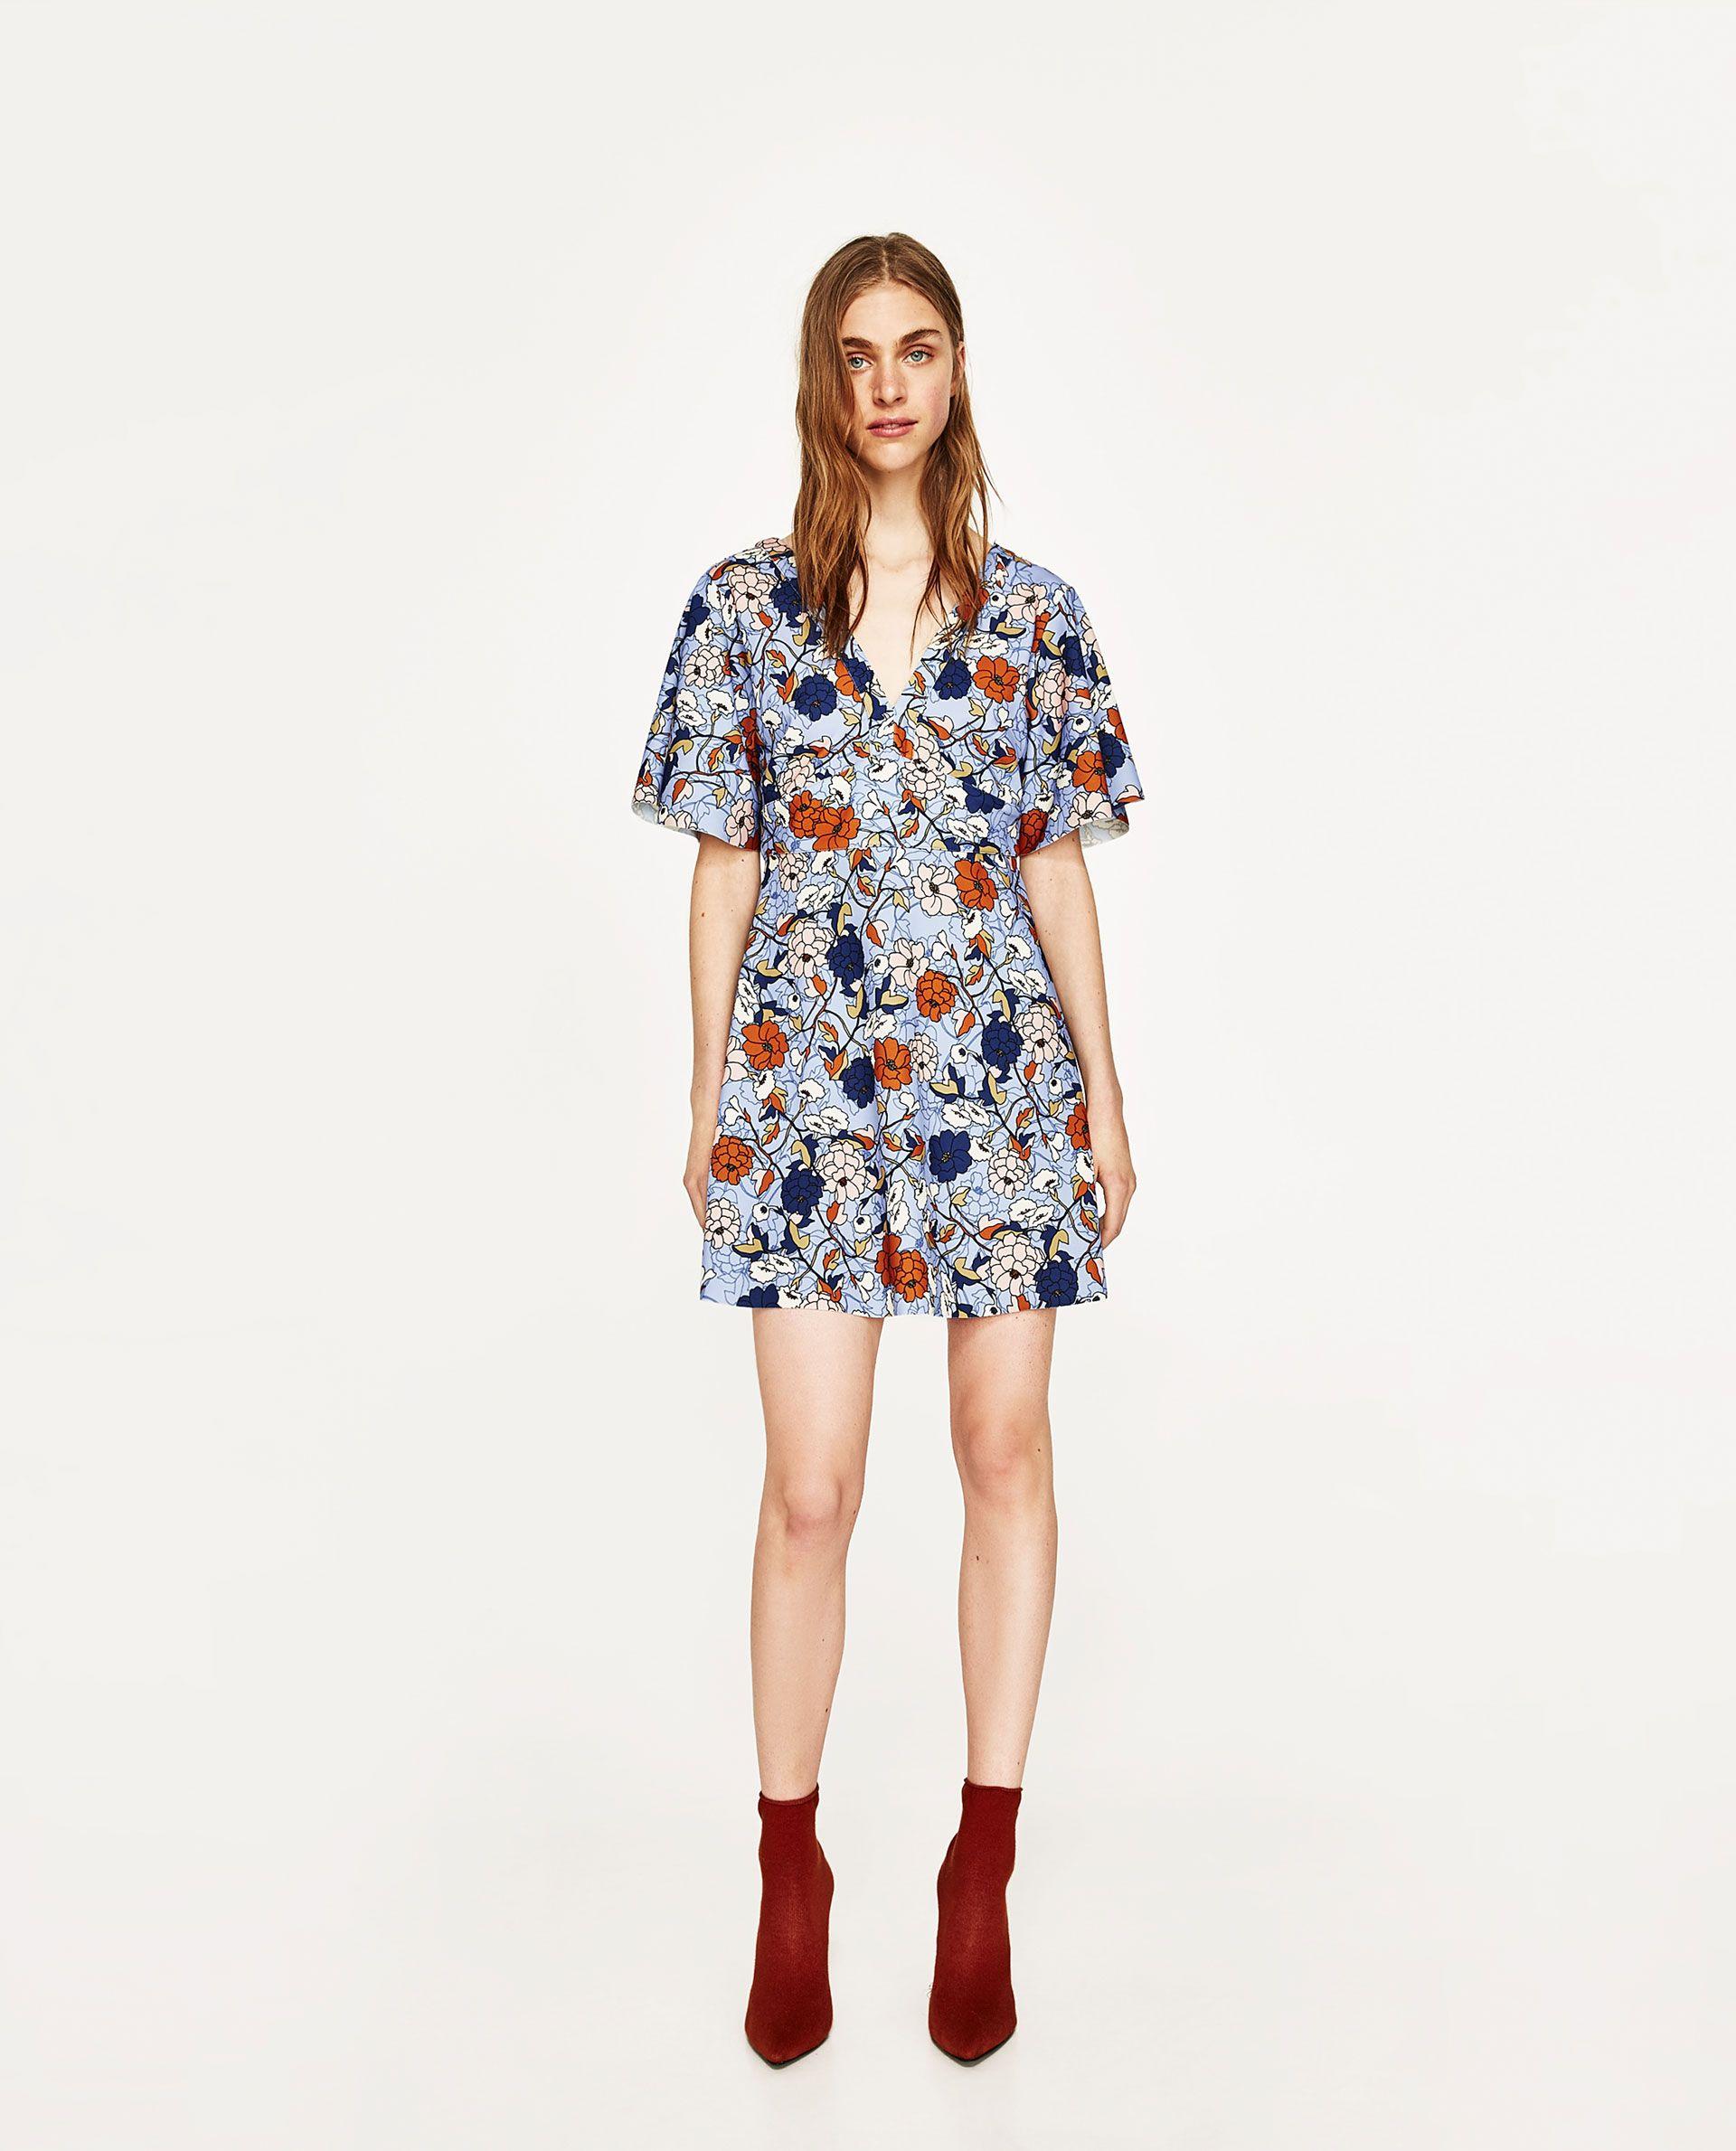 zara - woman - printed dress | sommer kleider, kleidung für